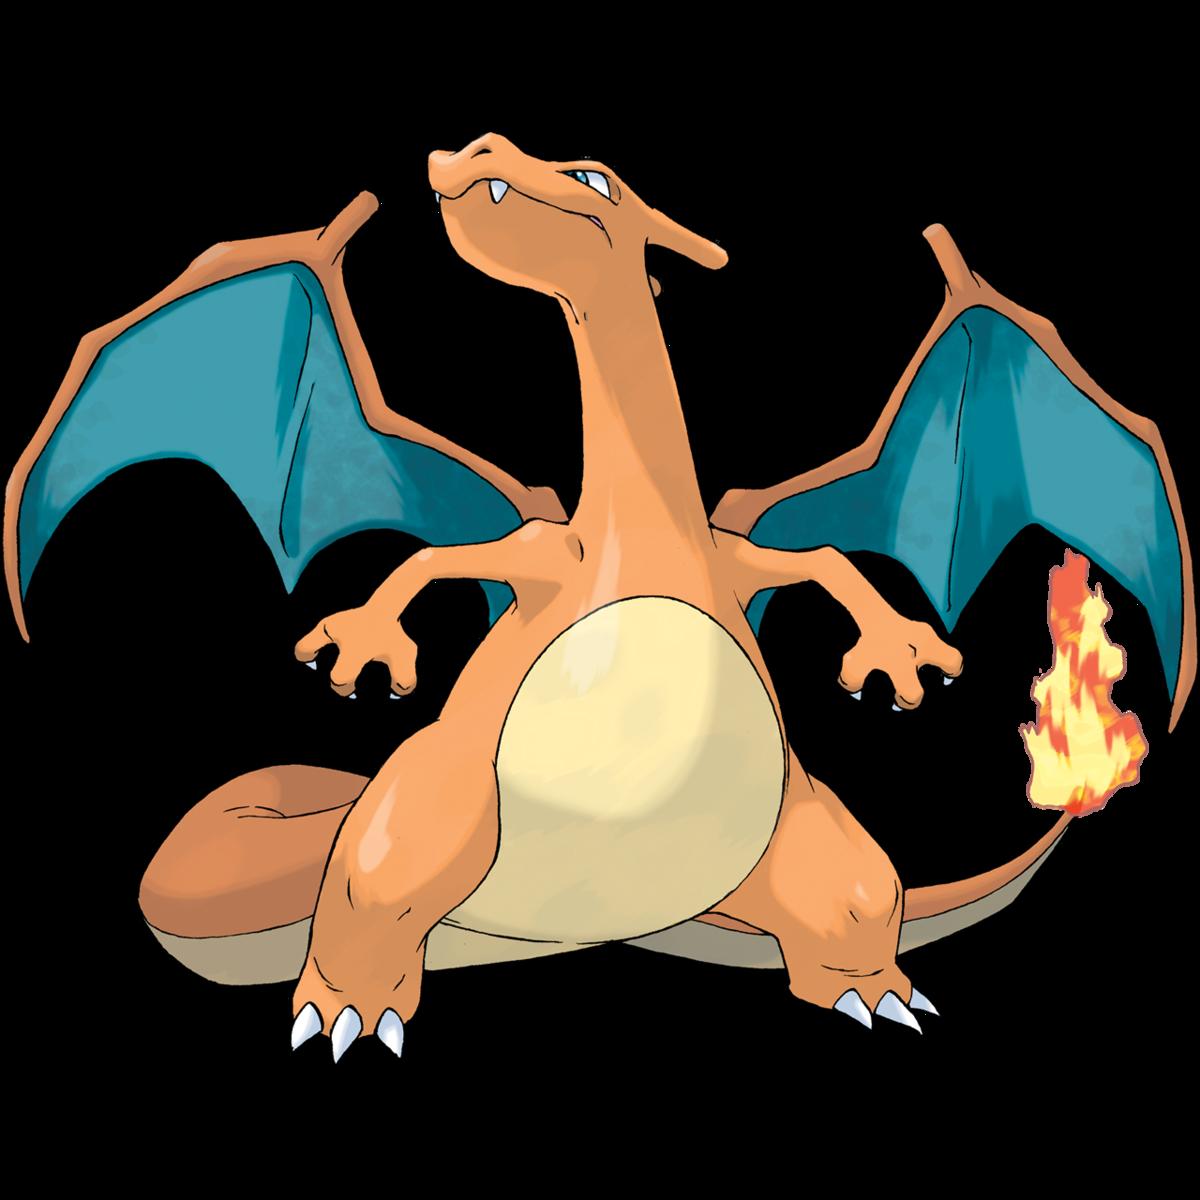 Charizard (Pokémon).